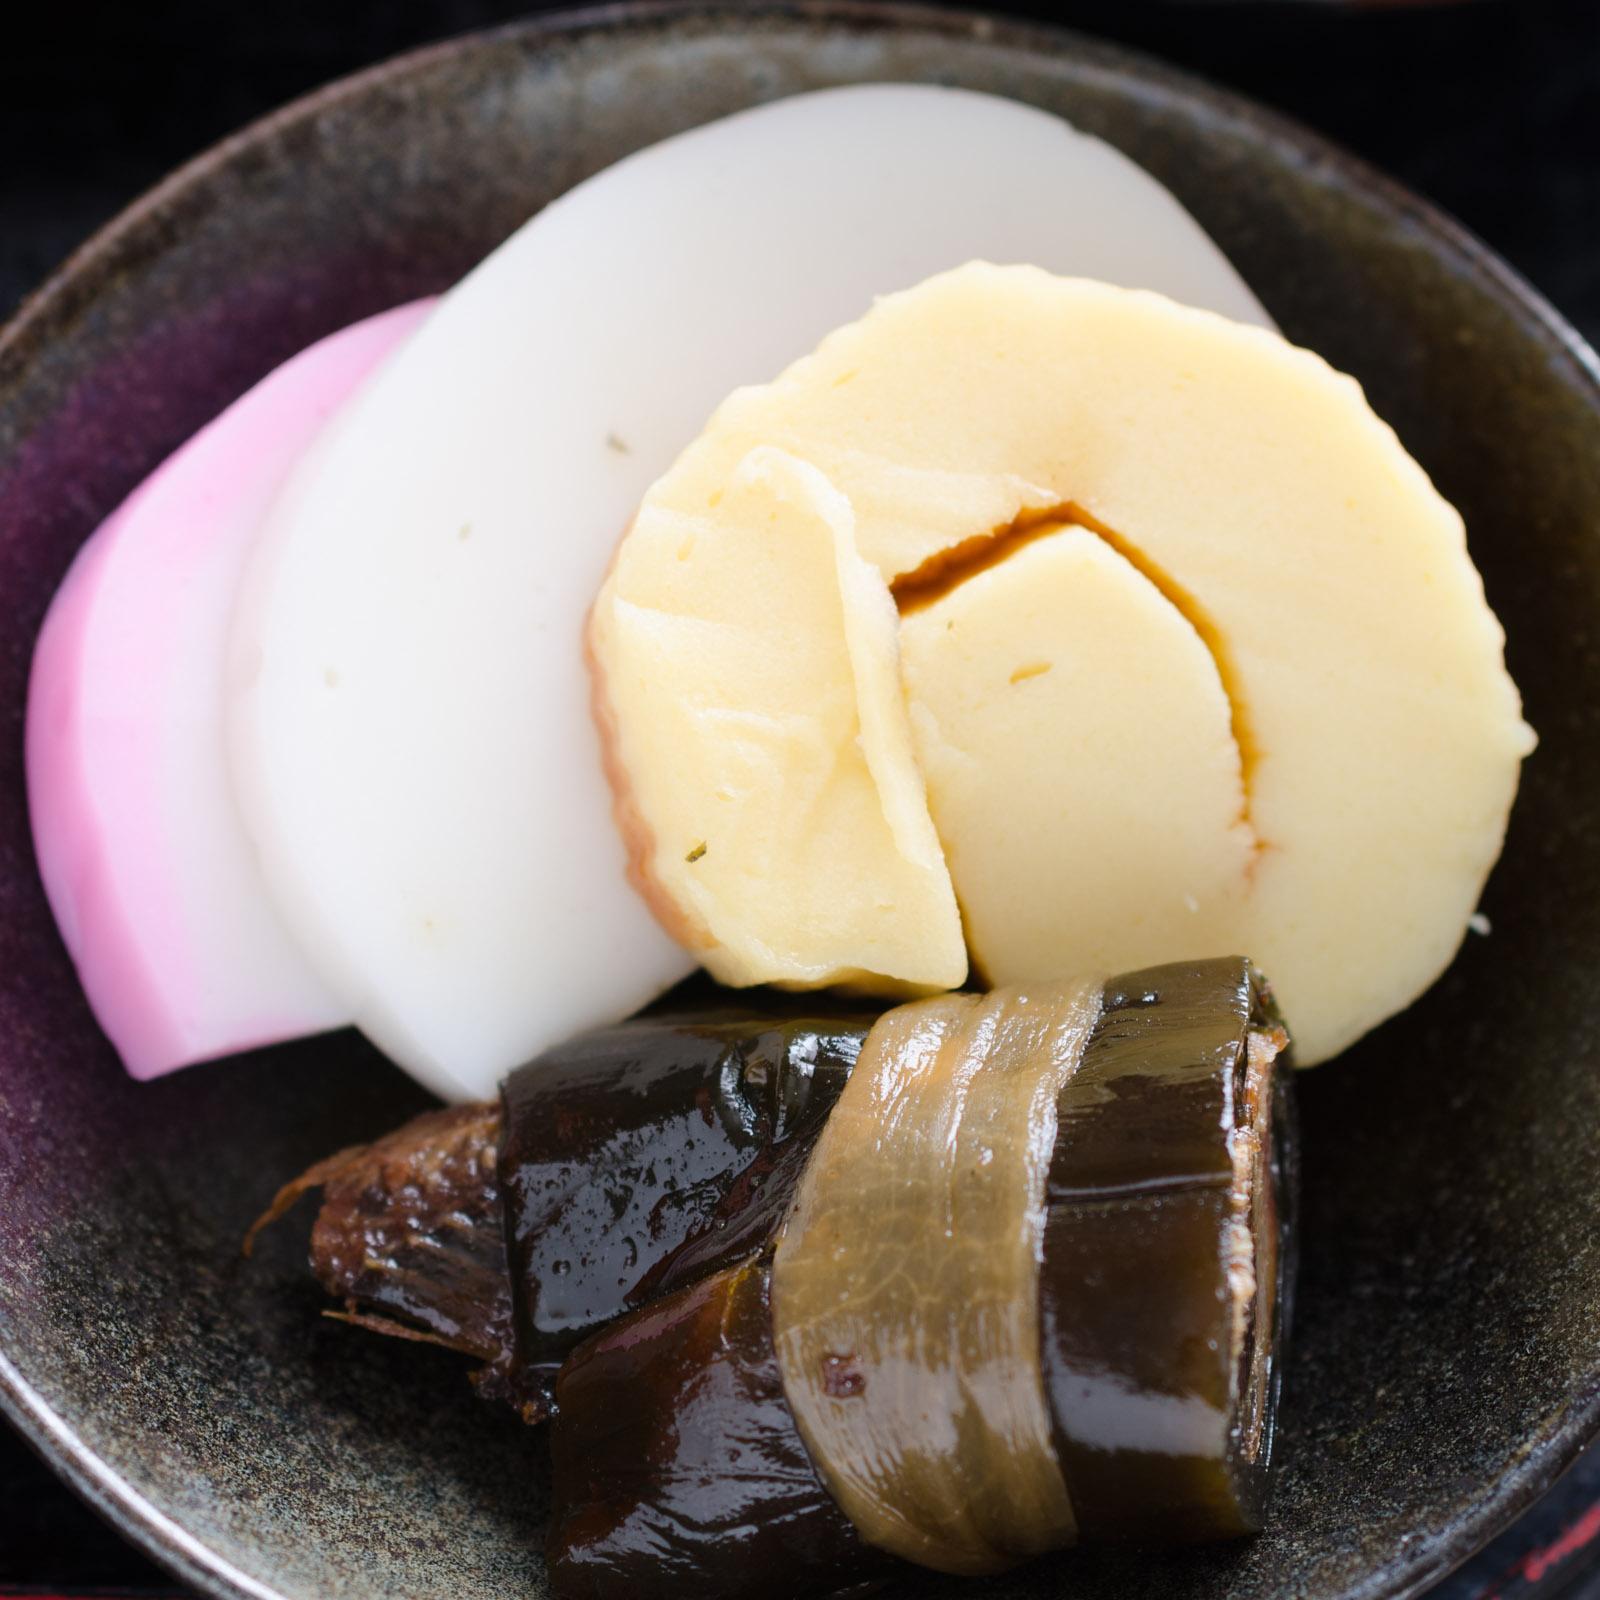 宮原かまぼこの伊達巻き、ニシンがたっぷり入った昆布巻き、小田原の蒲鉾 NIKON D7000 + SIGAMA 50mm